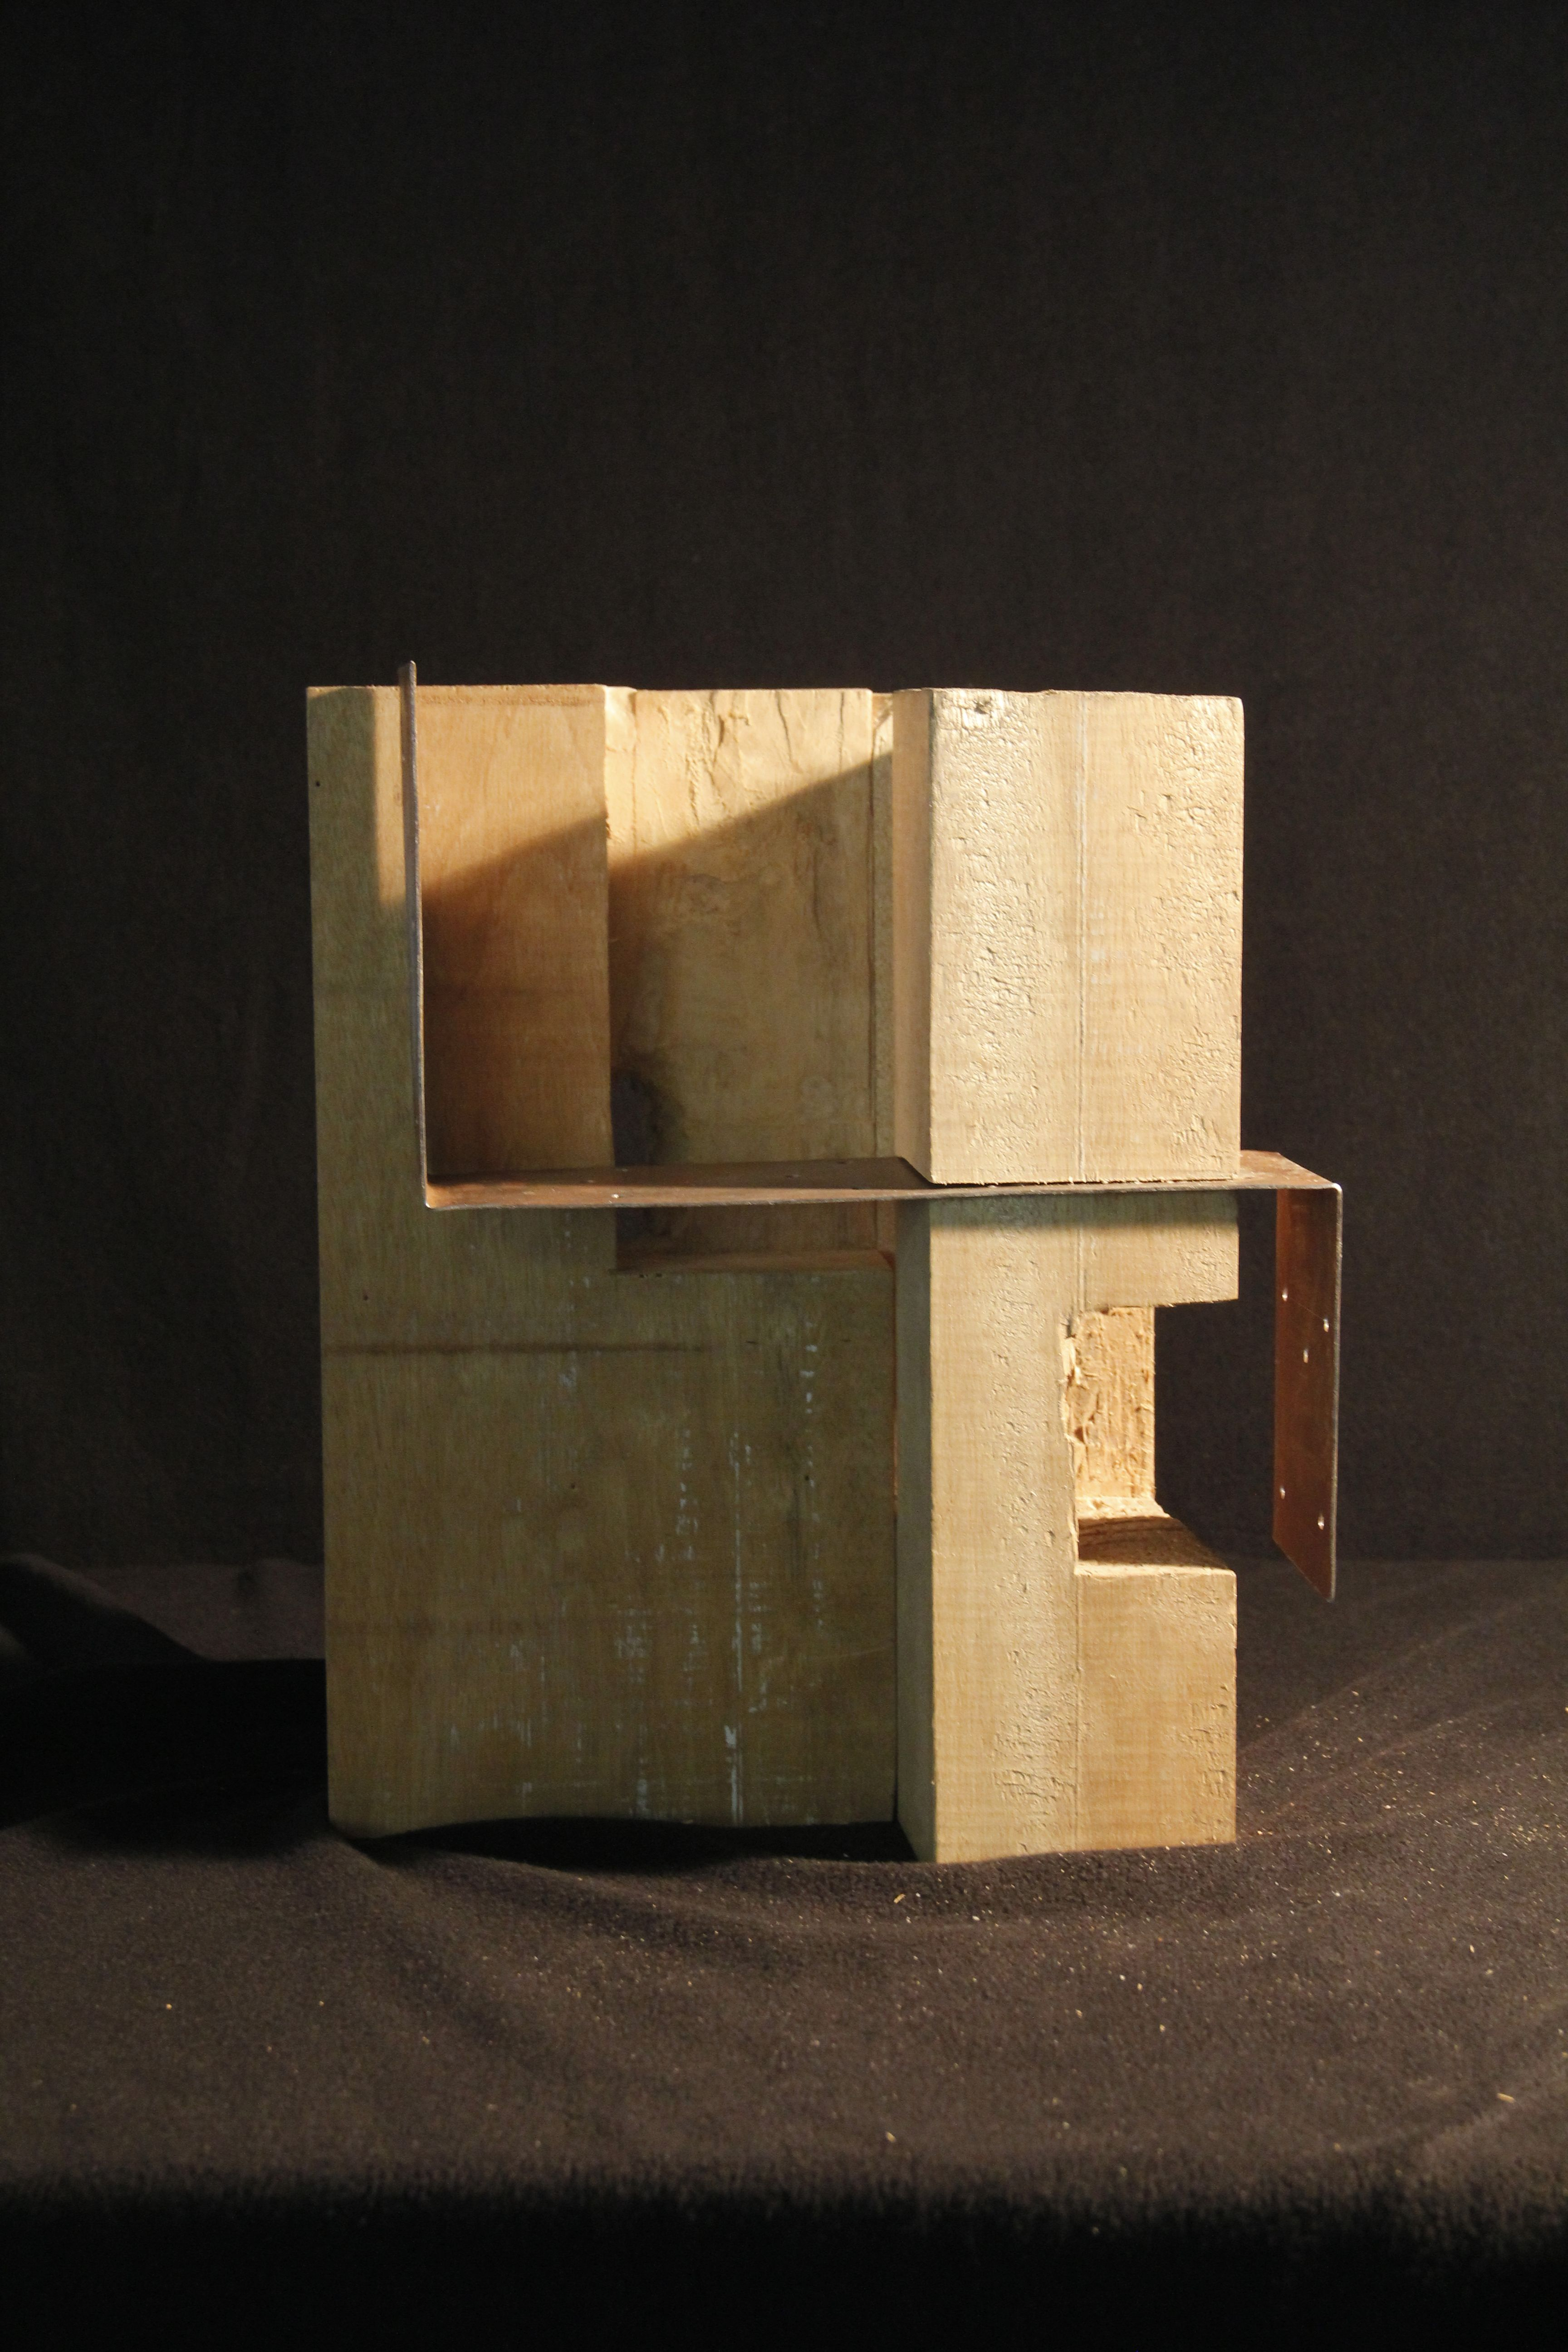 madera y metal. espacio y luz. 2012